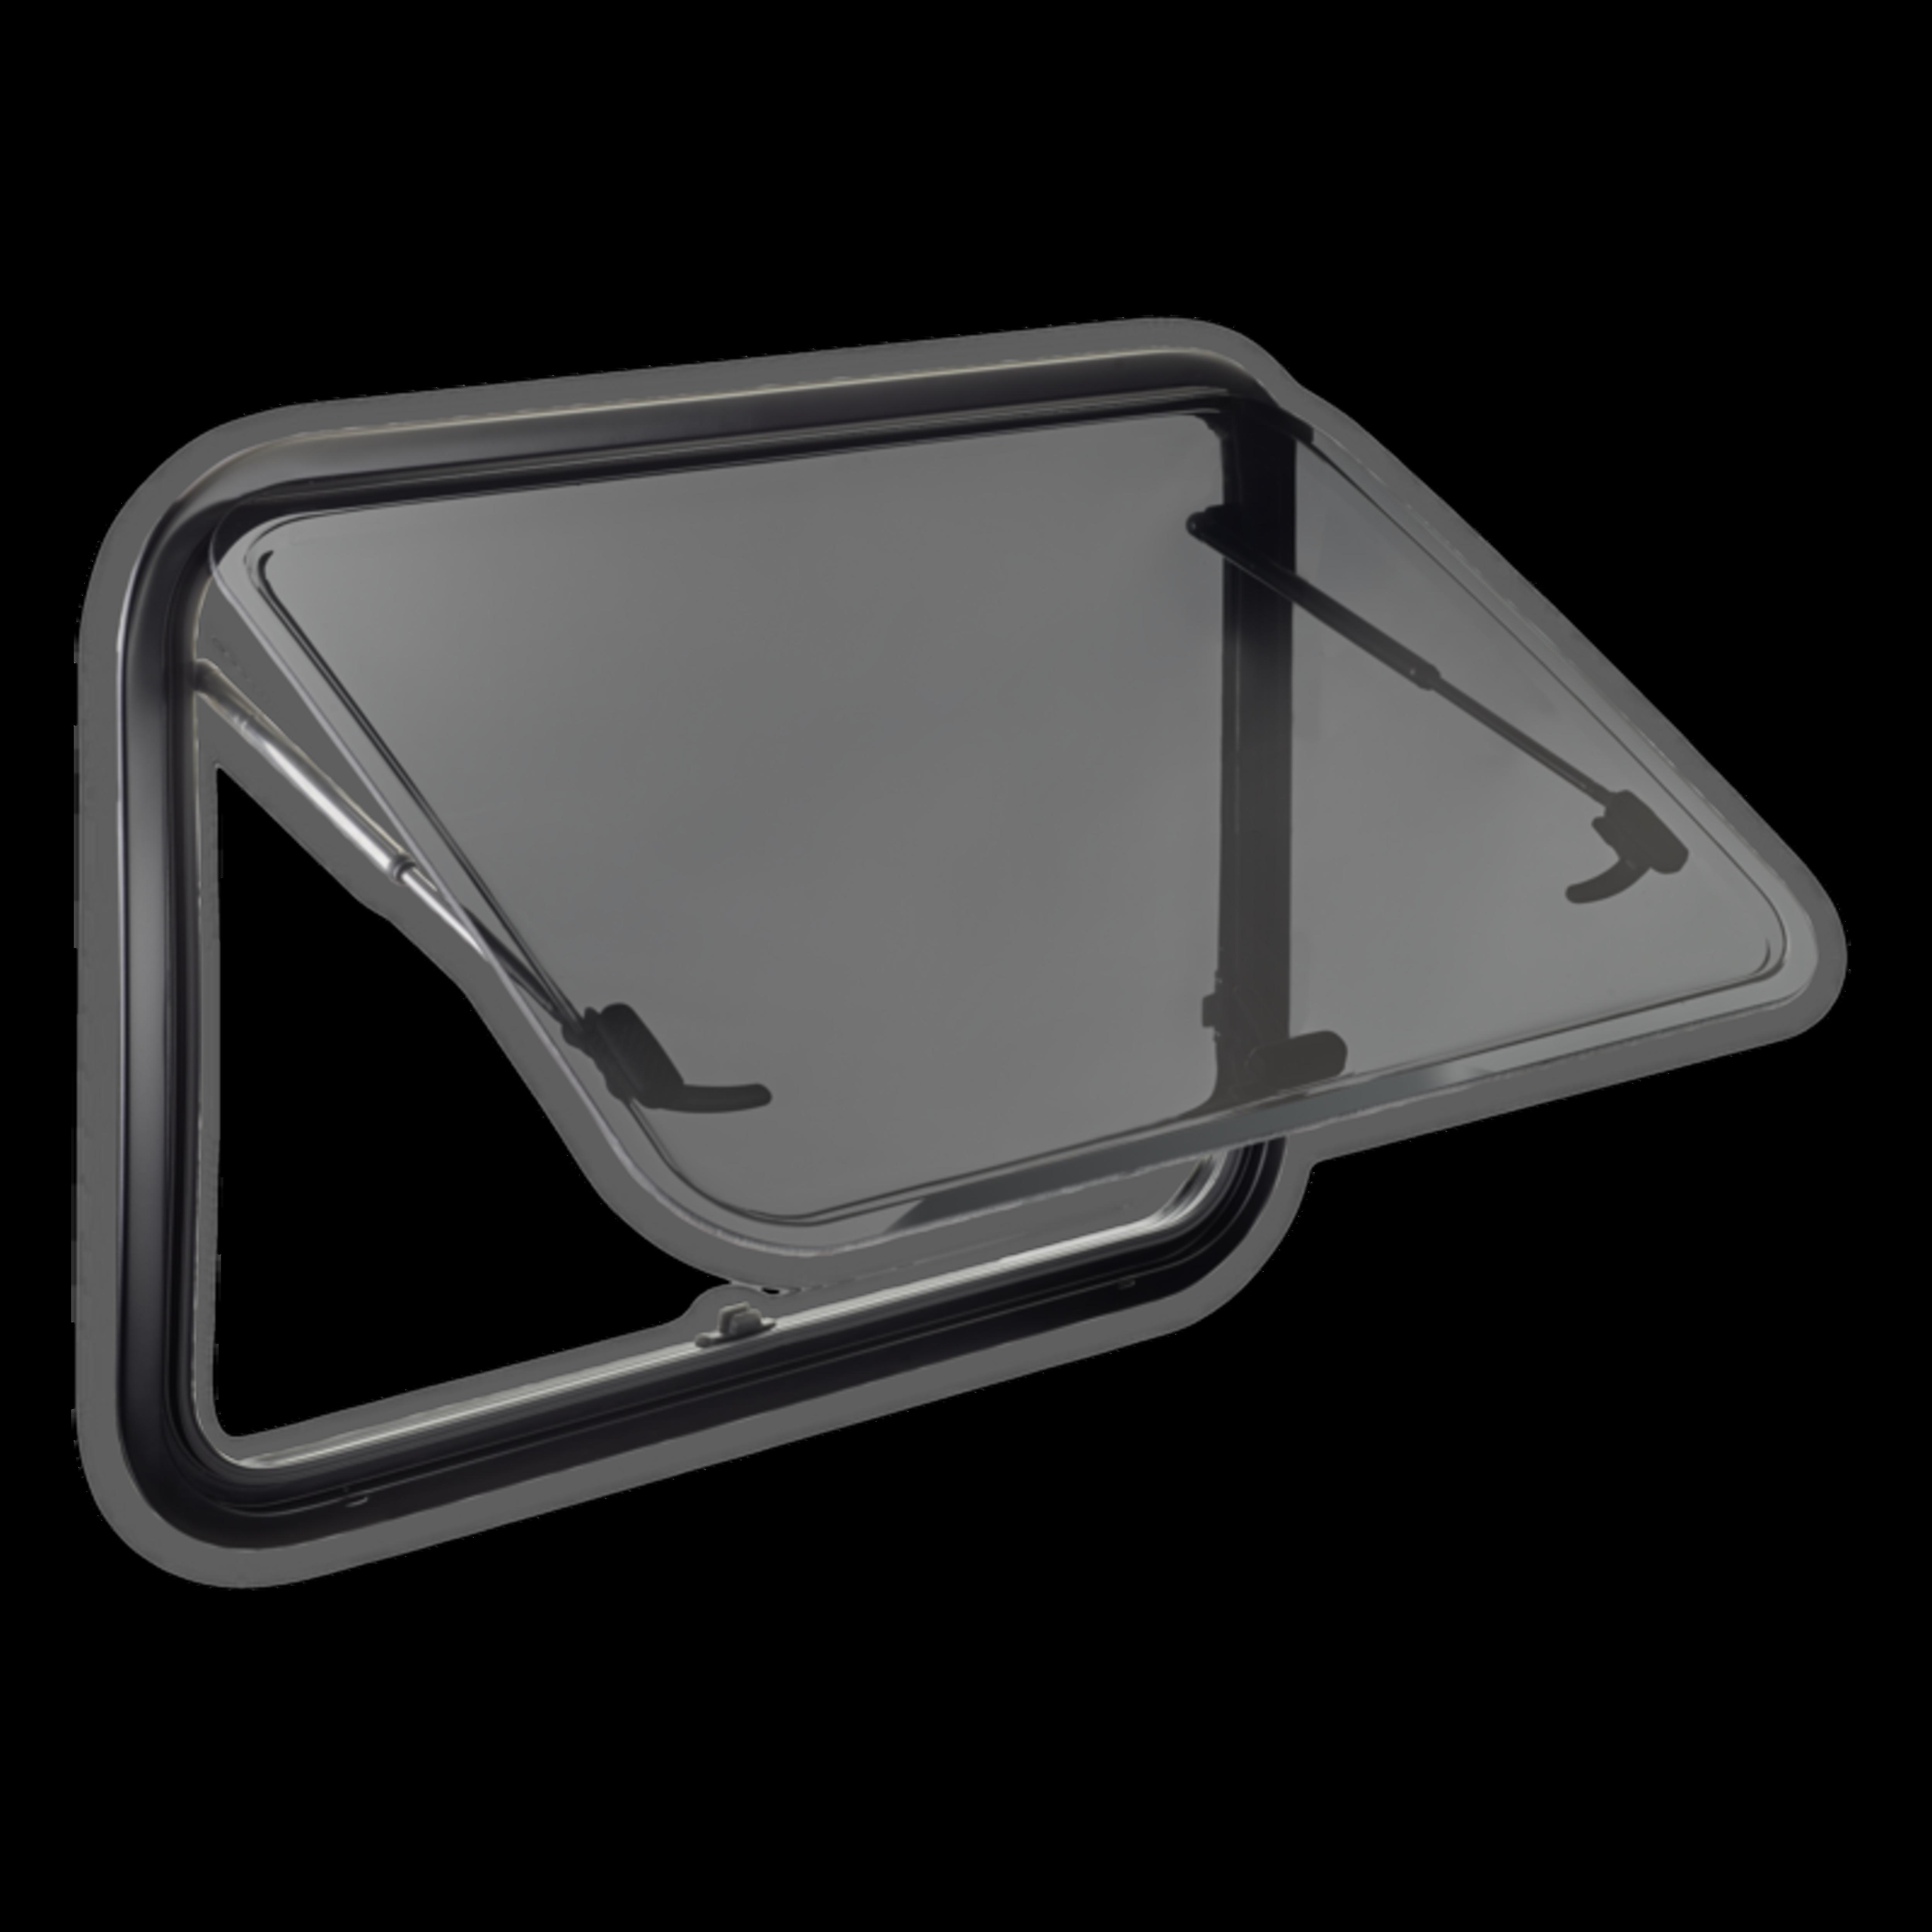 Knaus schwarz Wohnwagenfenster, Ersatzfenster Ausstellfenster